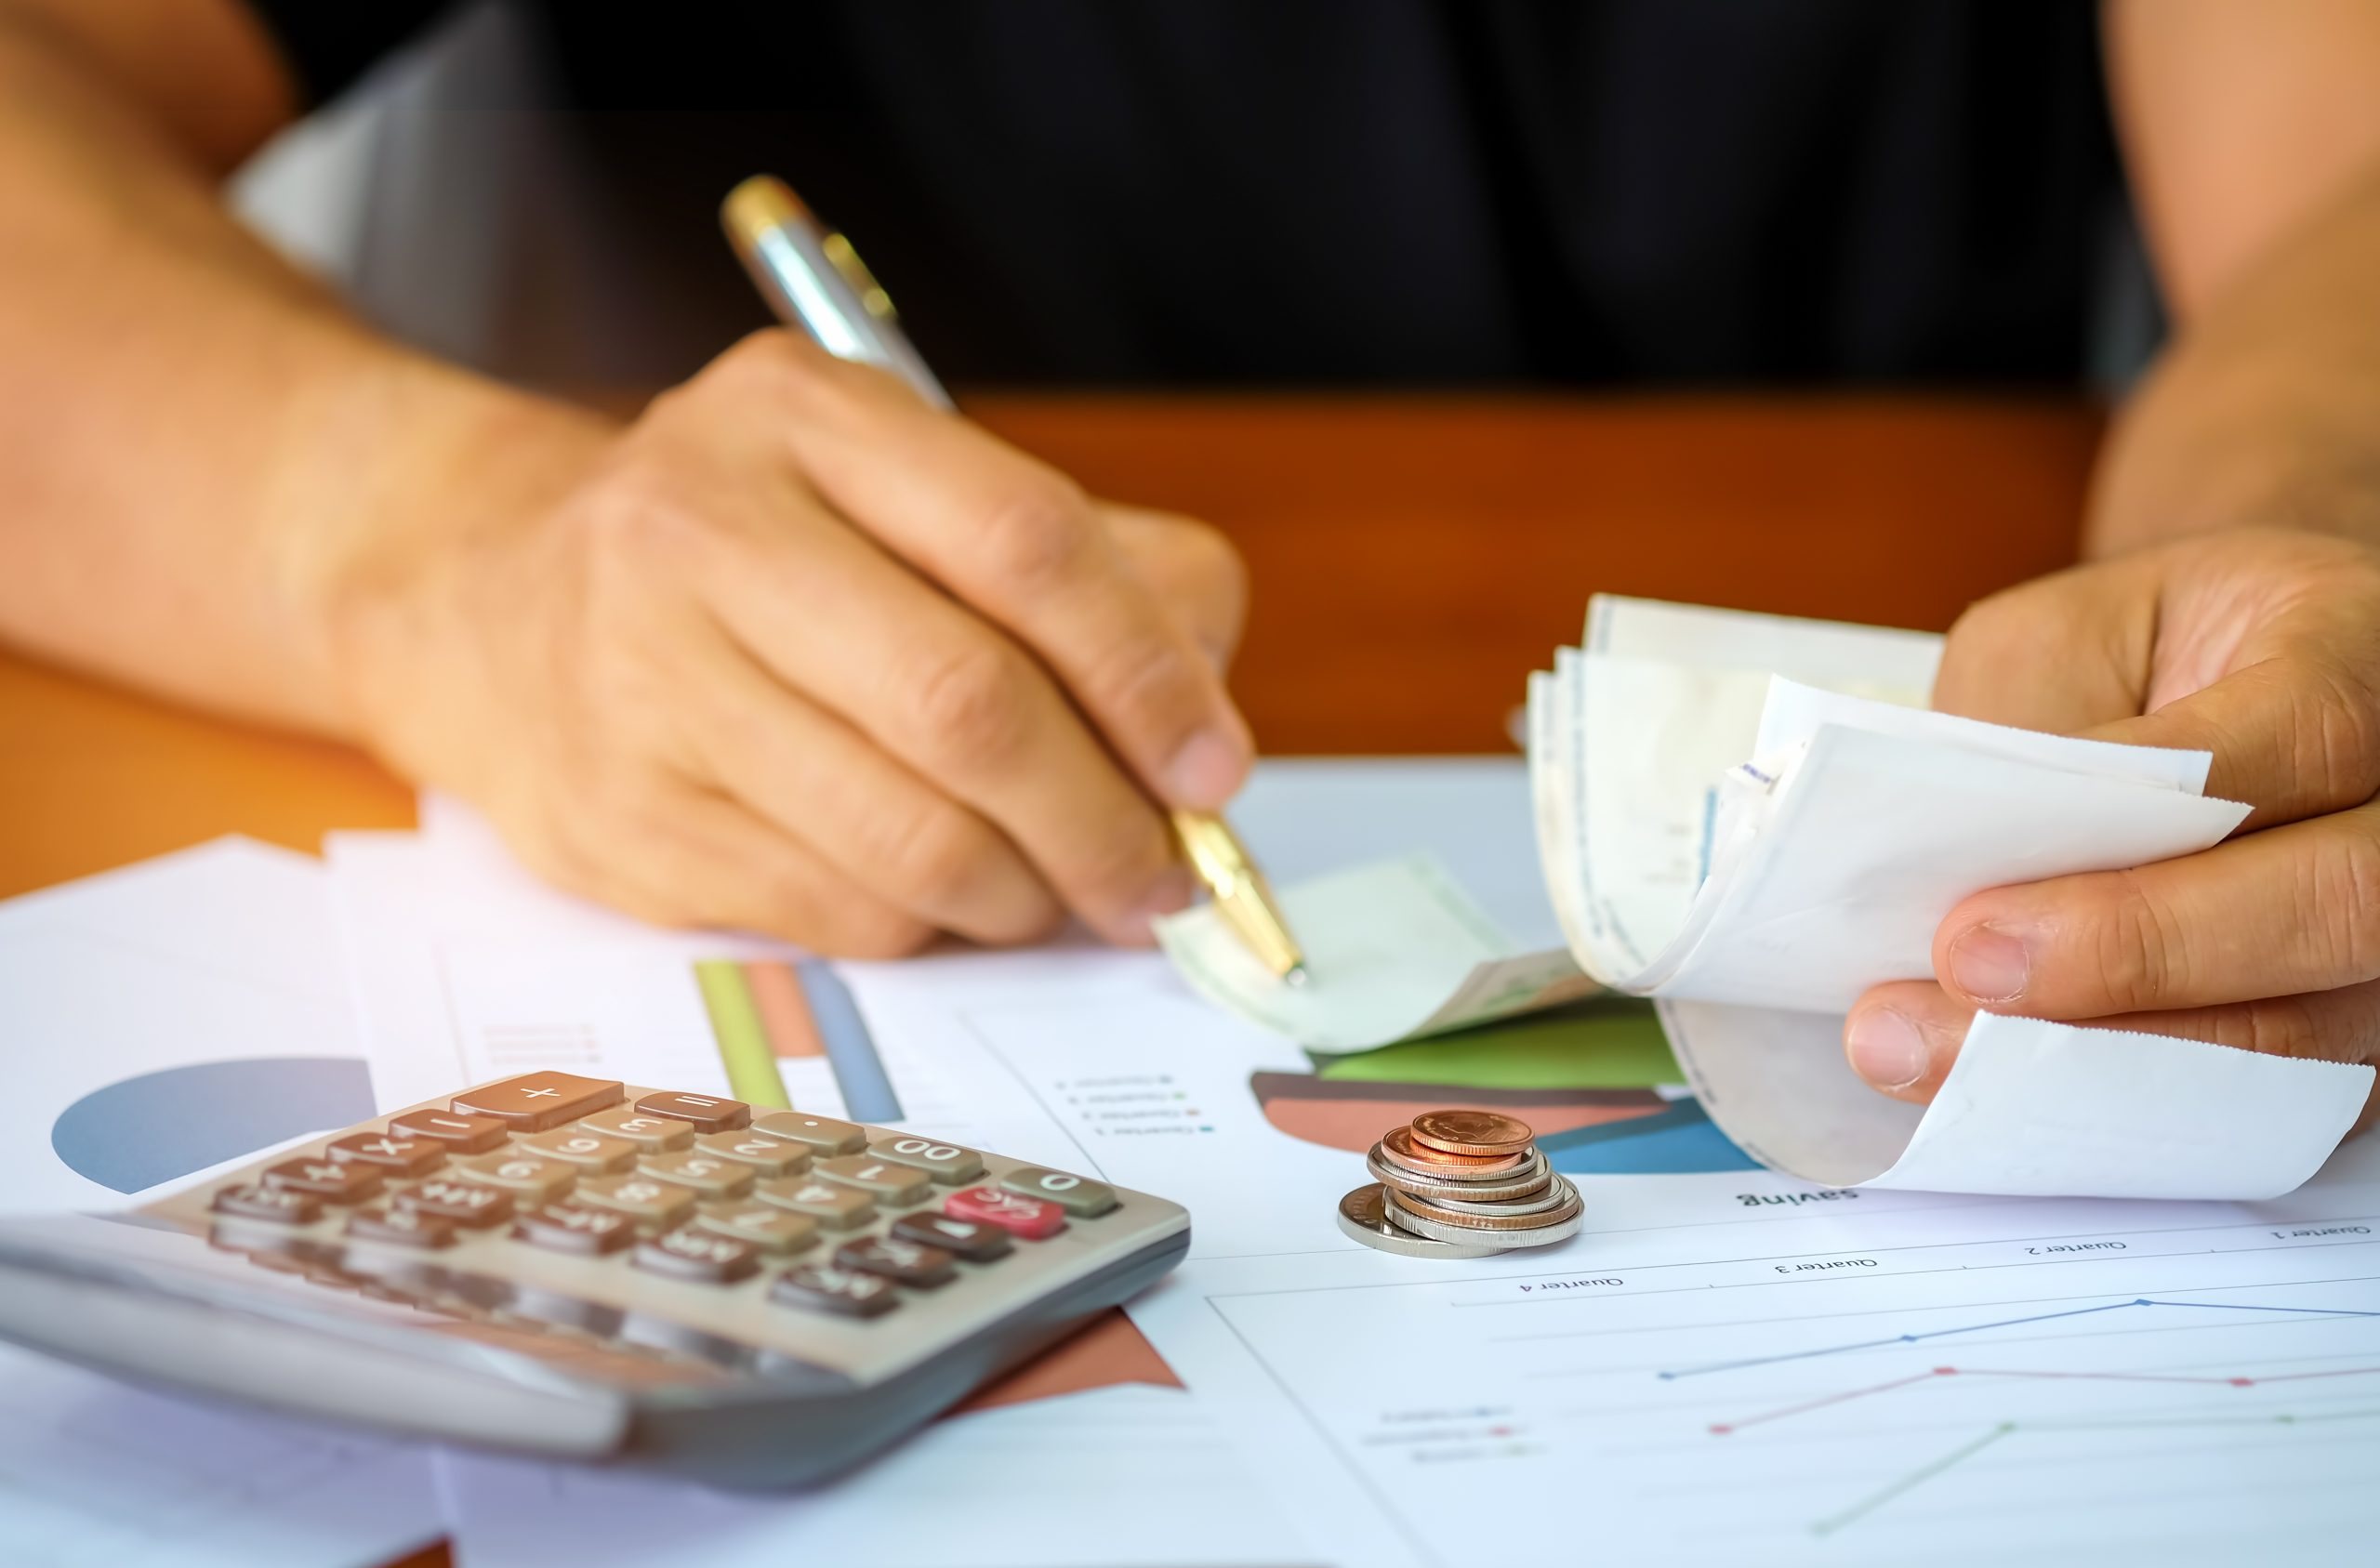 Samla lån: Slå ihop smålån och sänk din ränta